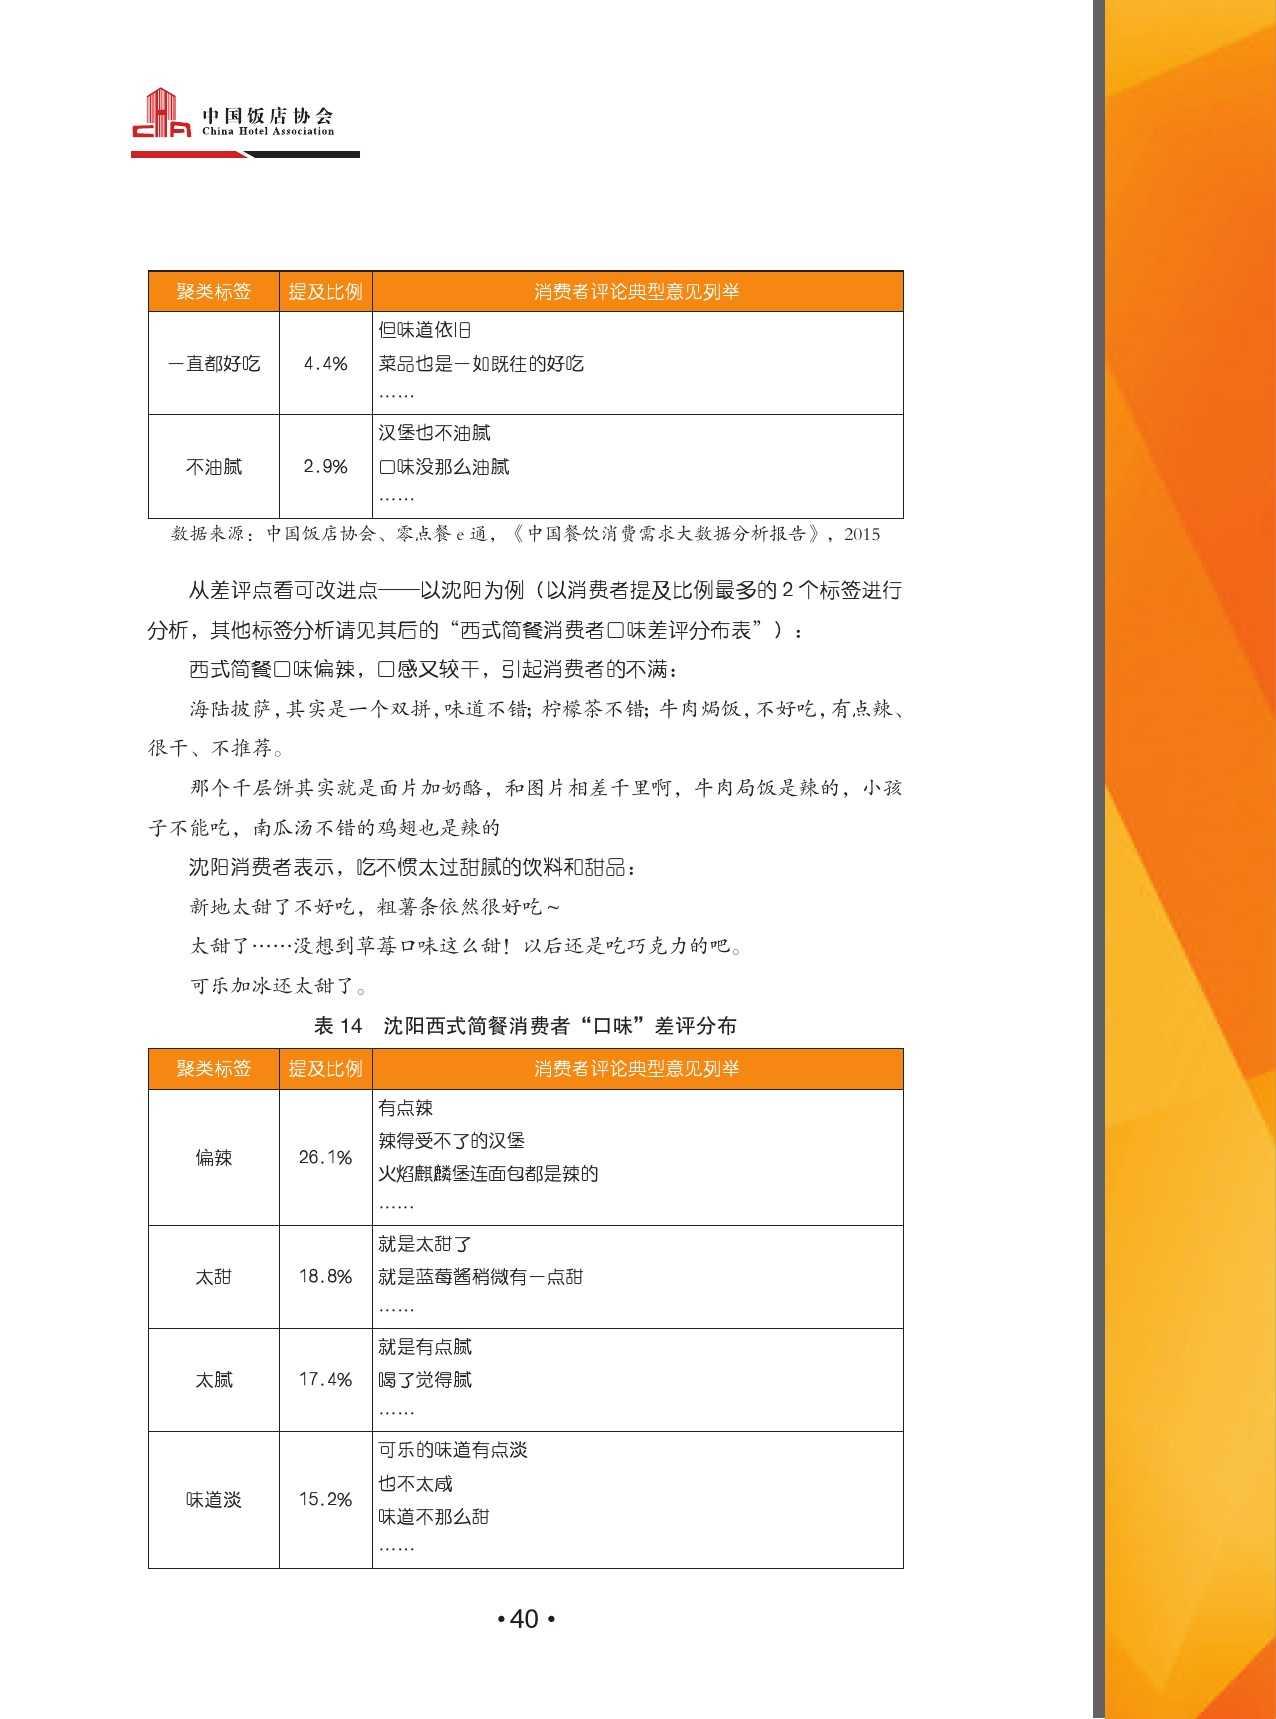 2015中国餐饮消费需求大数据分析报告_000042